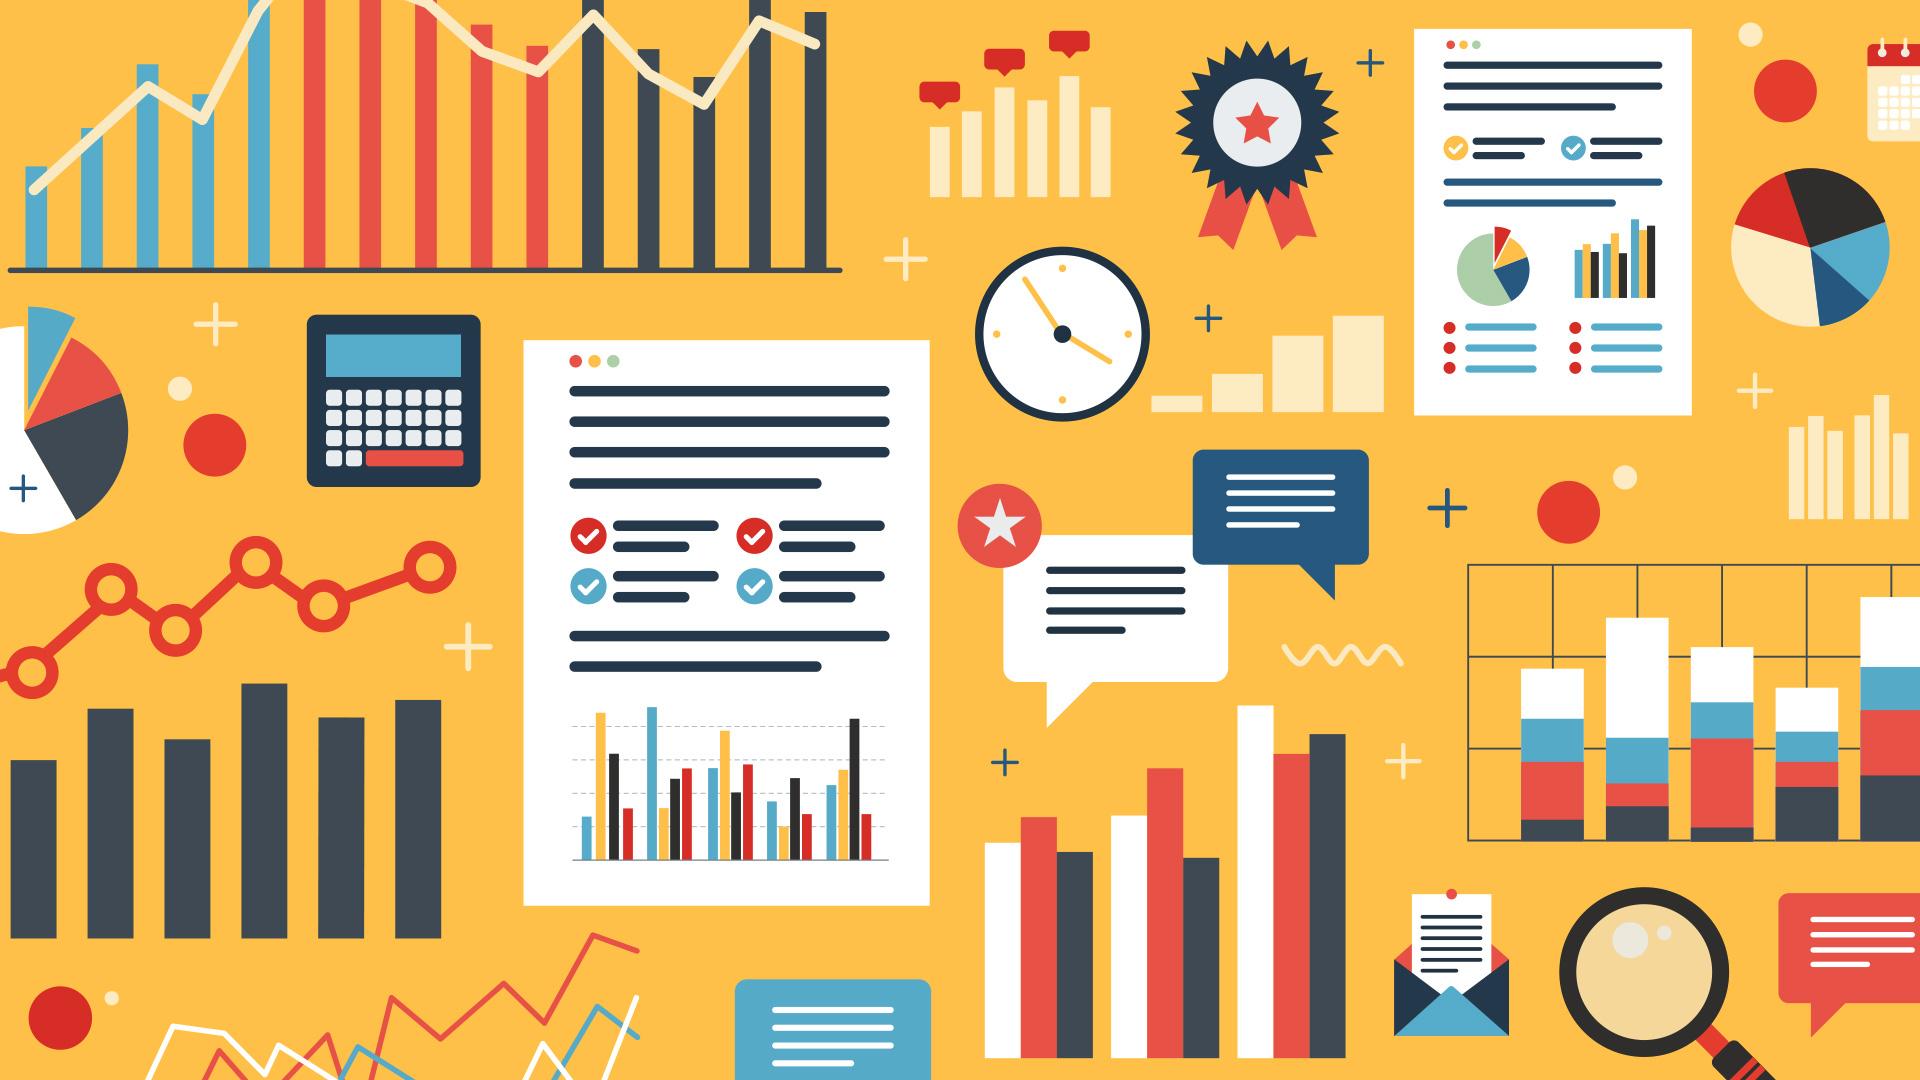 Ilustração com gráficos de barra, gráfico de pizza, documentos, lupa e ícones de mensagem